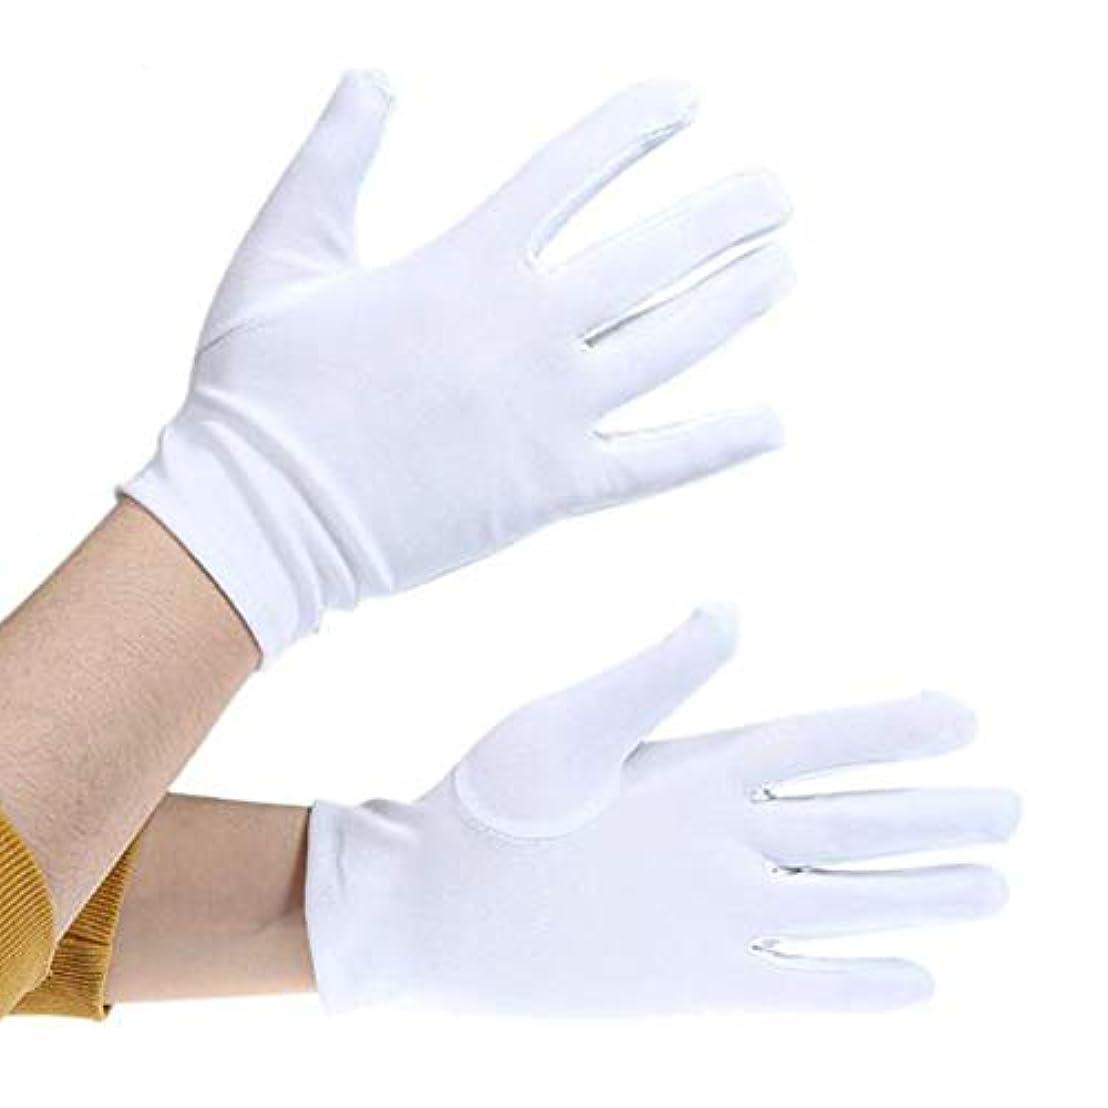 抵抗する装置柔らかい足白手袋薄 礼装用 ジュエリーグローブ時計 貴金属 宝石 接客用 品質管理用 作業用手ぶくろ,保護着用者